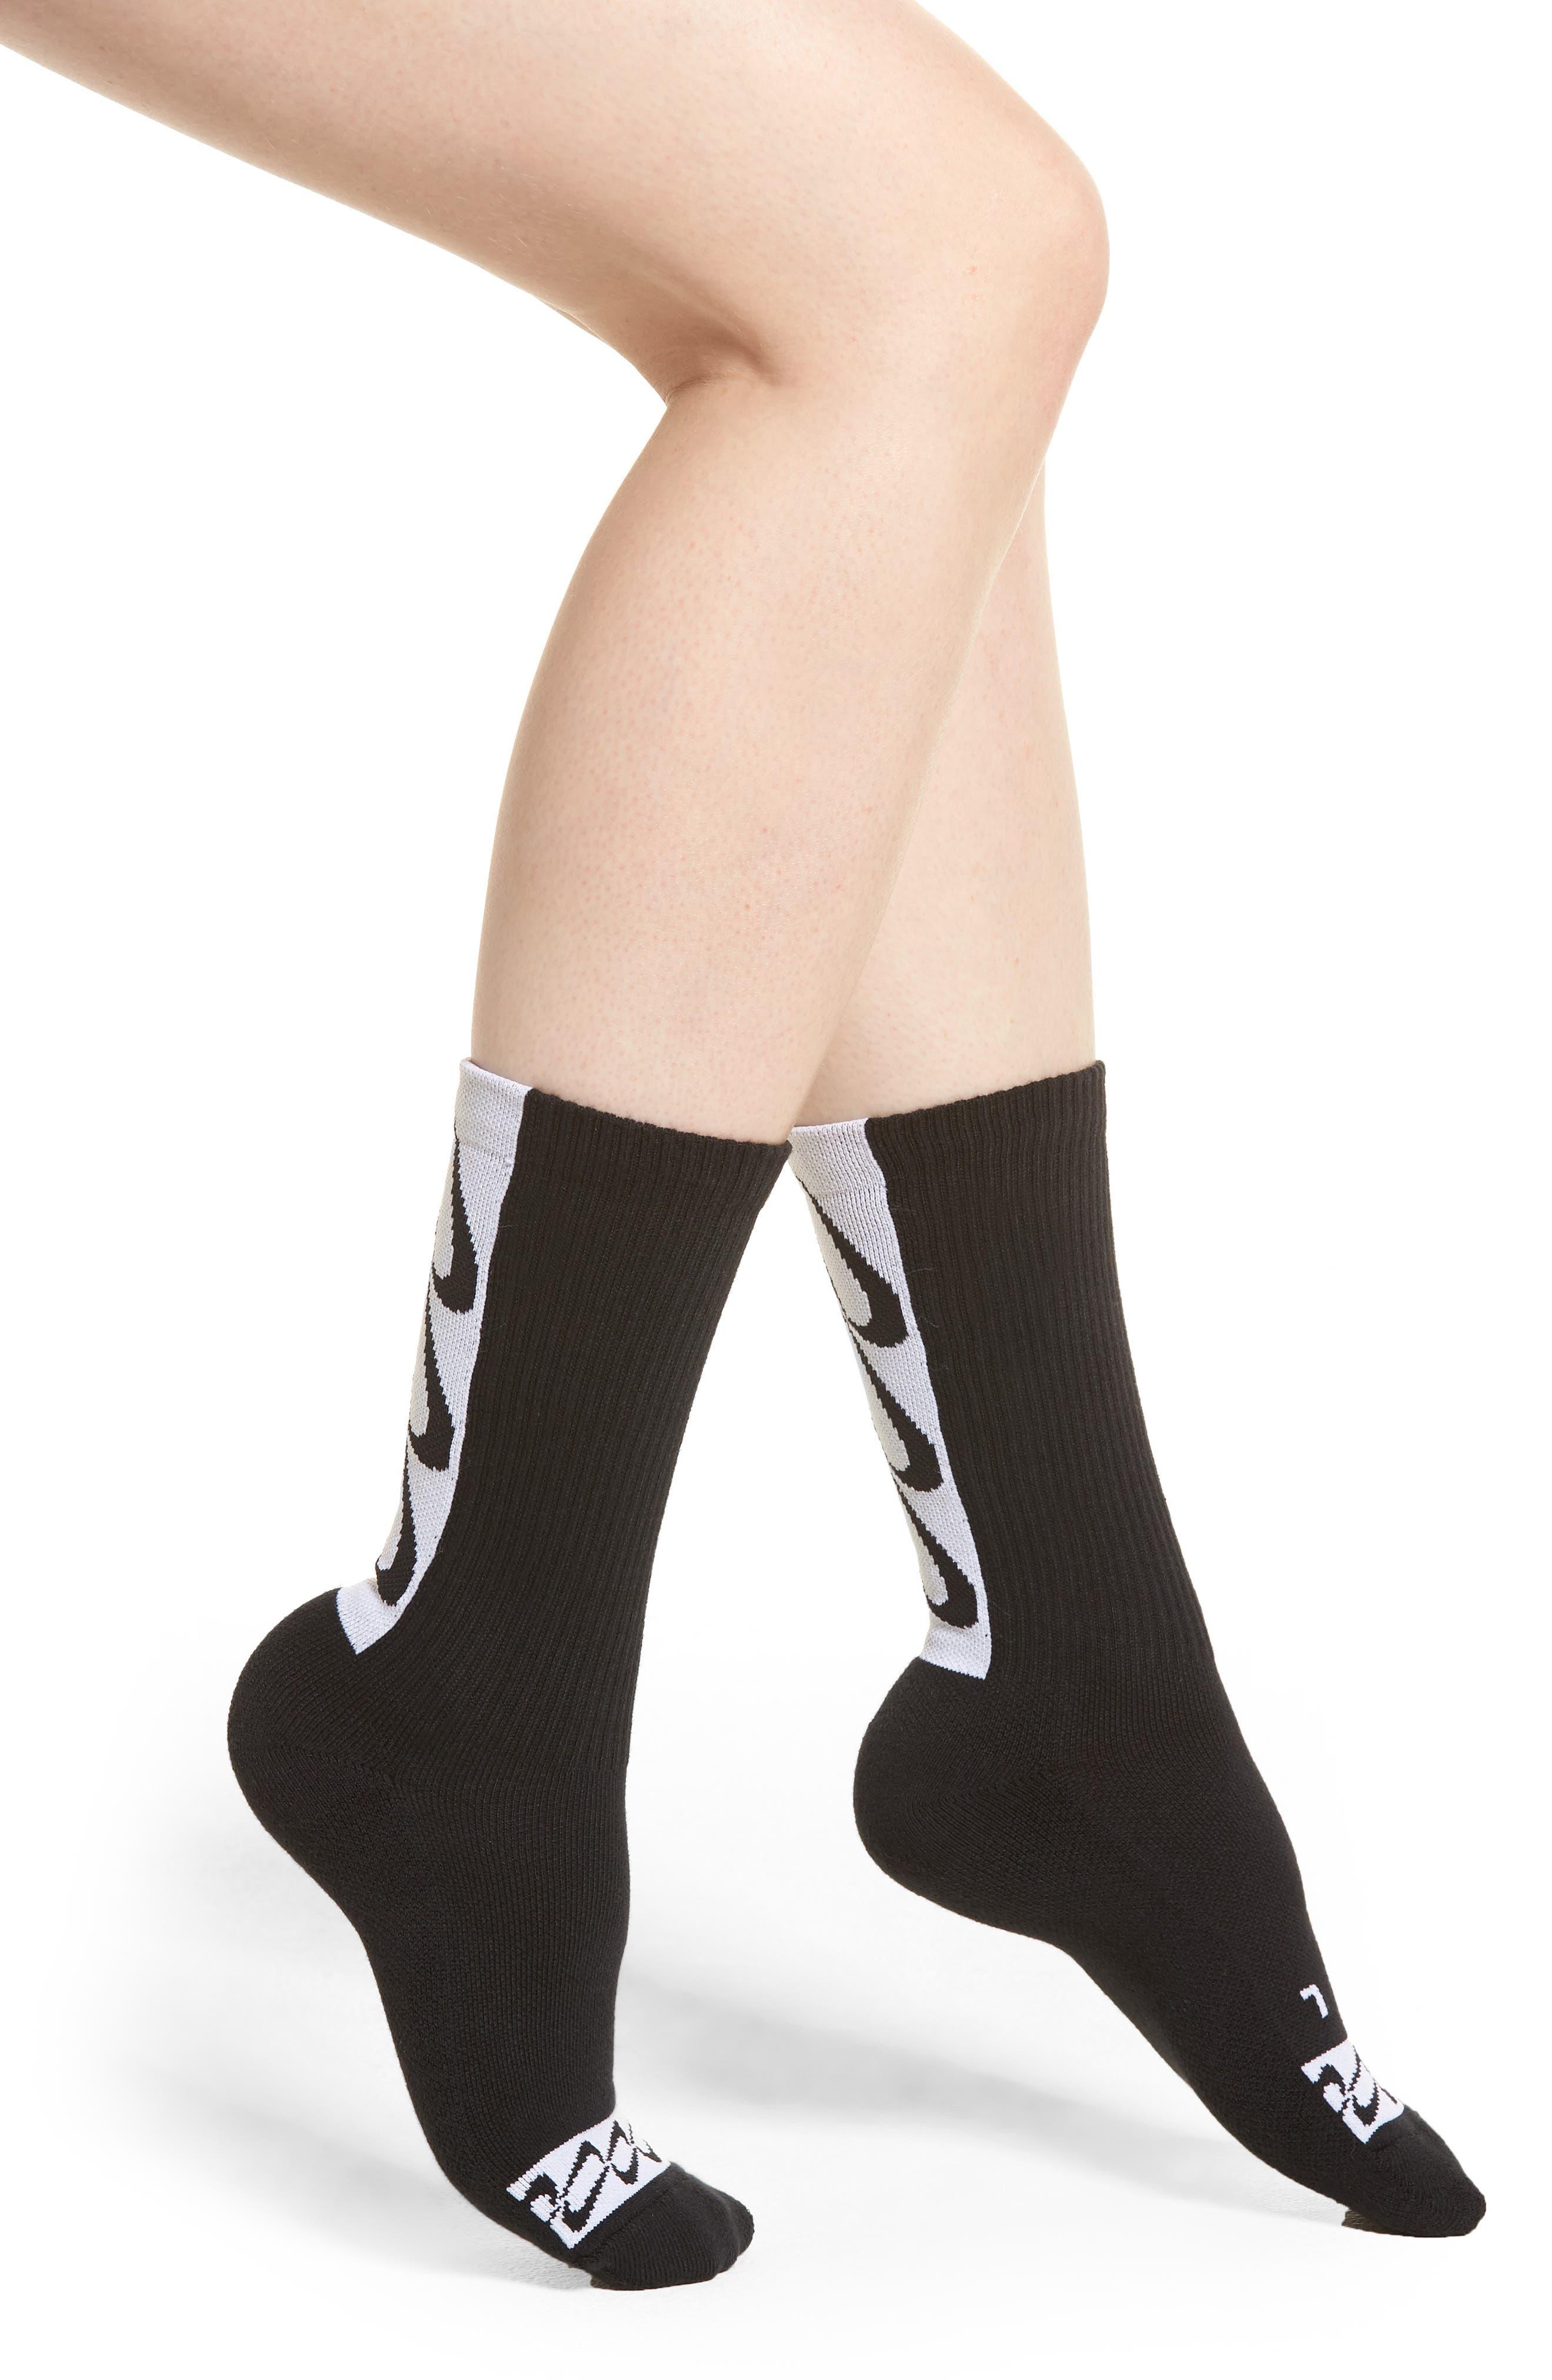 NRG Unisex Dri-FIT Socks,                             Alternate thumbnail 2, color,                             010